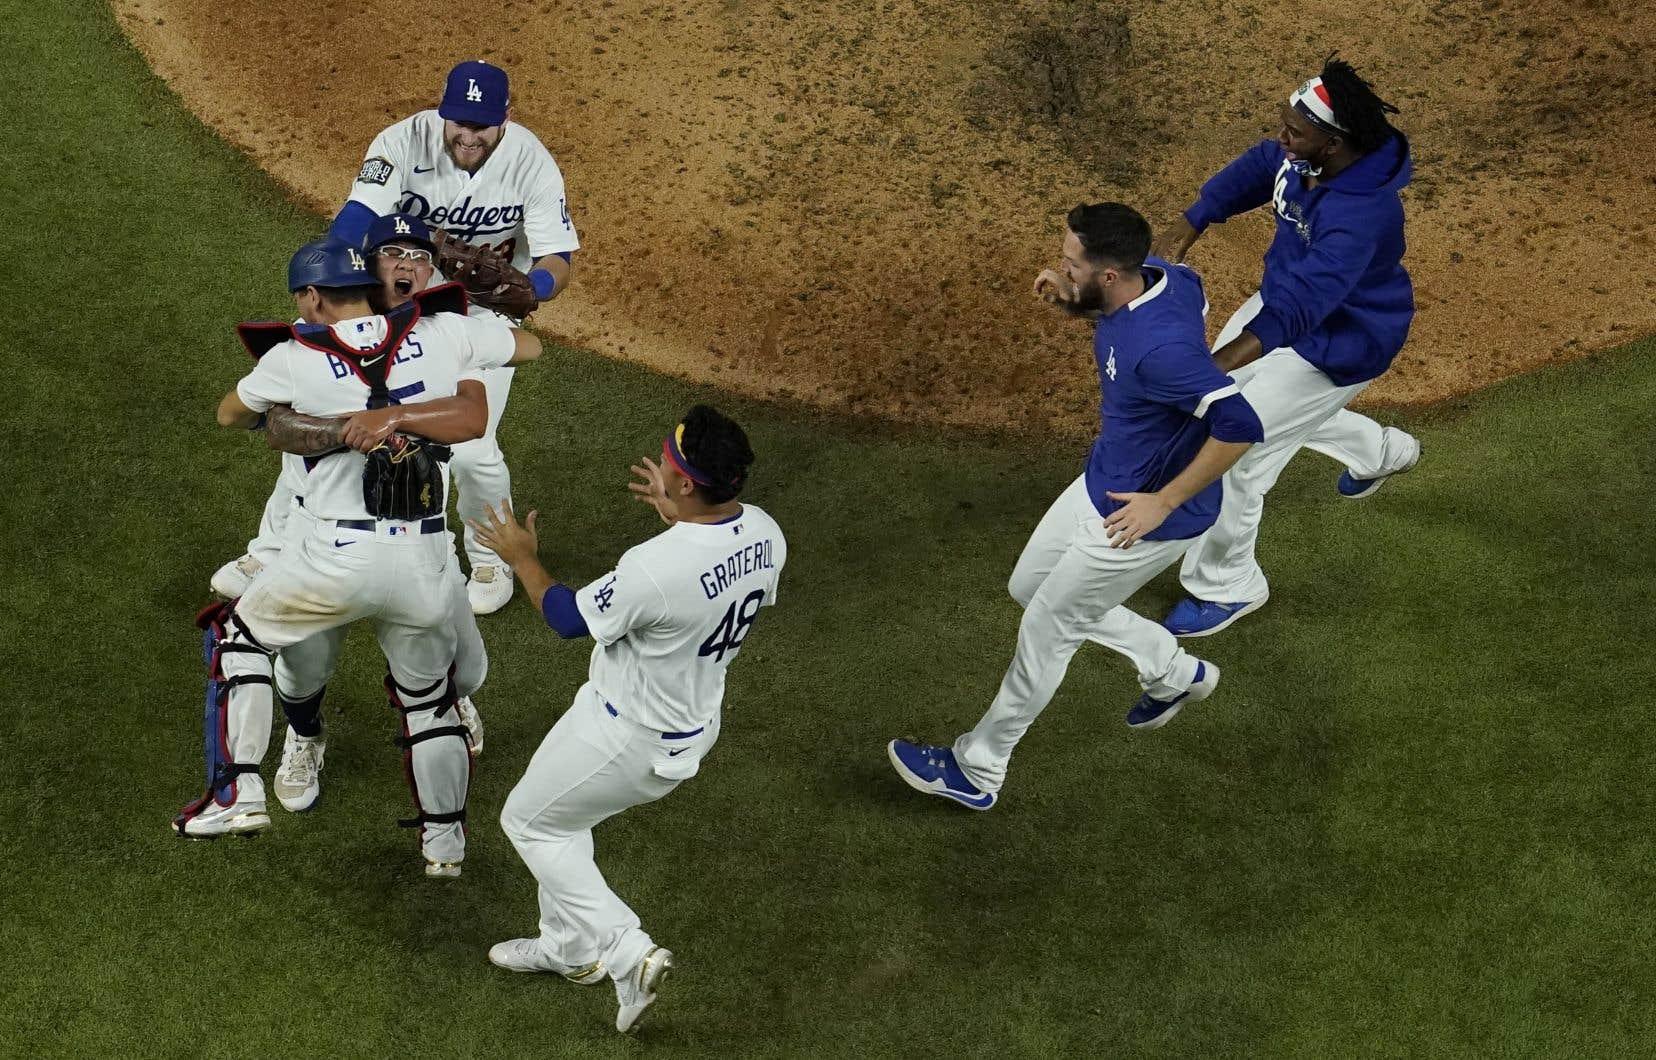 Les Dodgers, qui participaient à la classique automnale pour une troisième fois en quatre saisons, ont gagné la série 4-2.